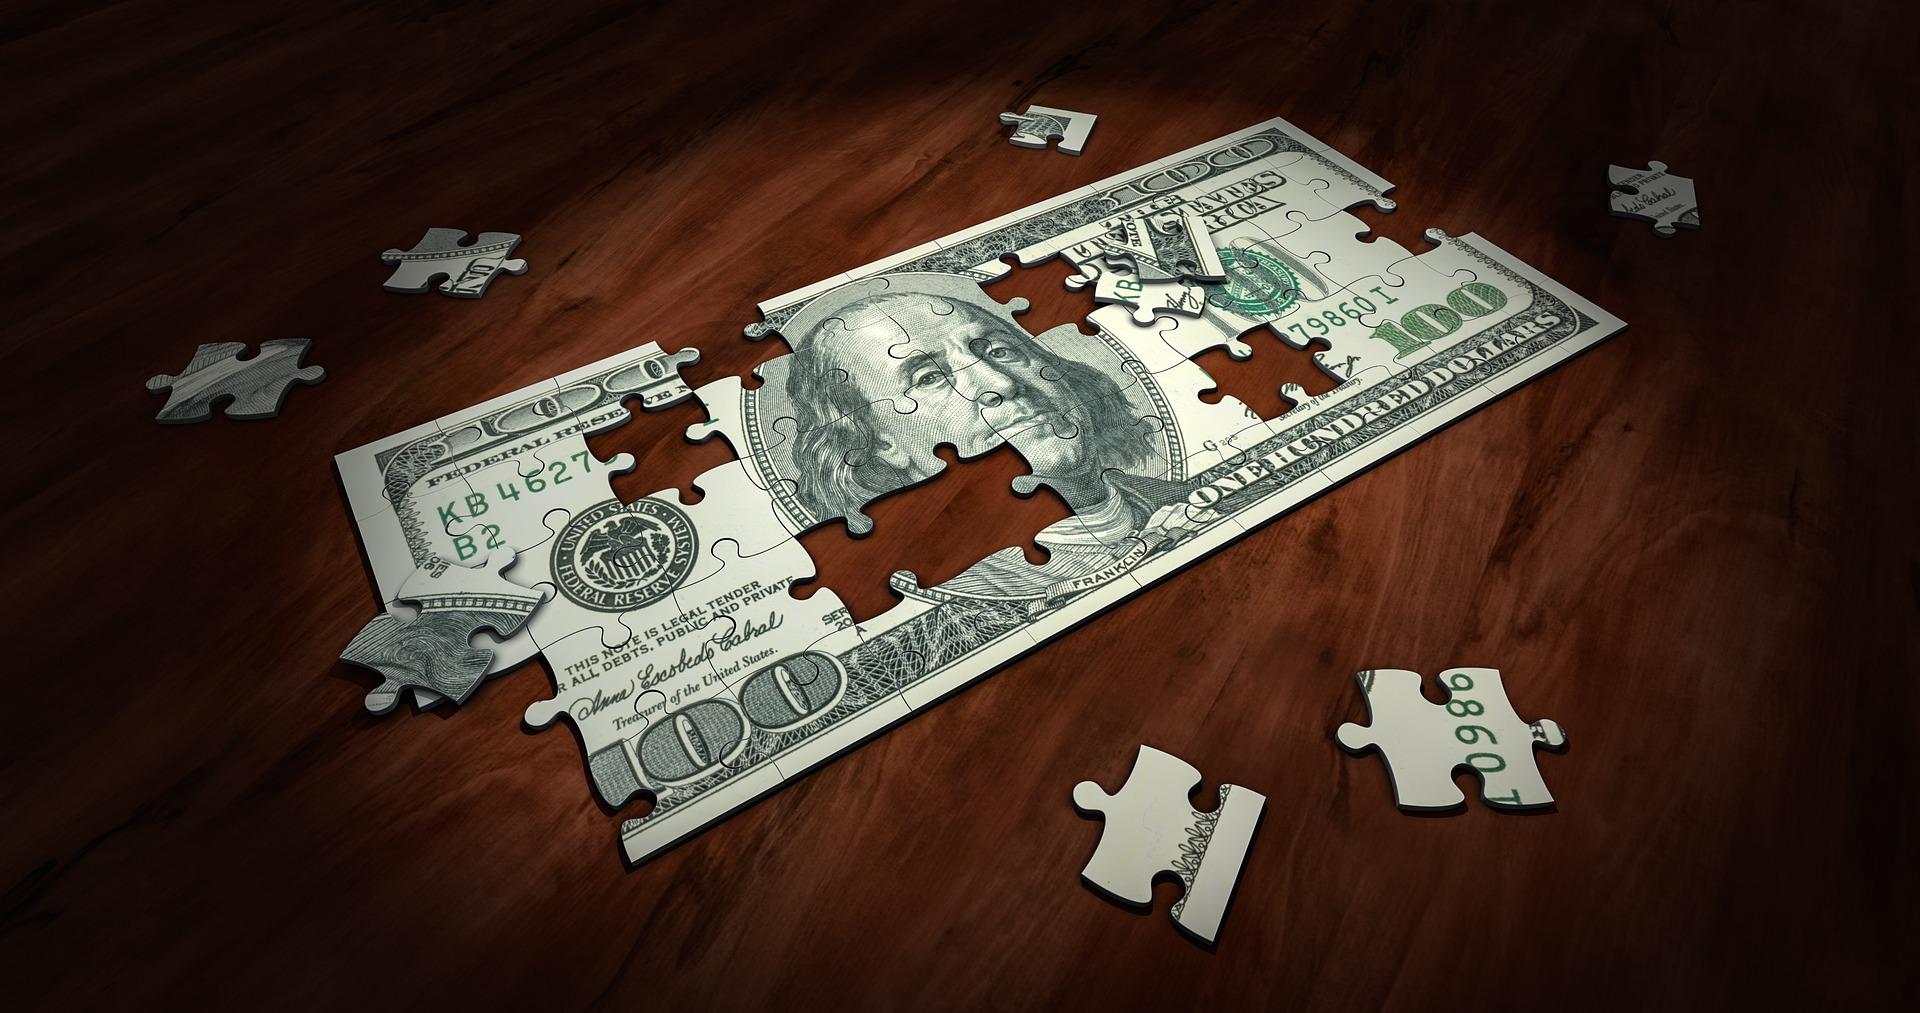 アメリカで銀行のチェックを悪用された場合の対処法